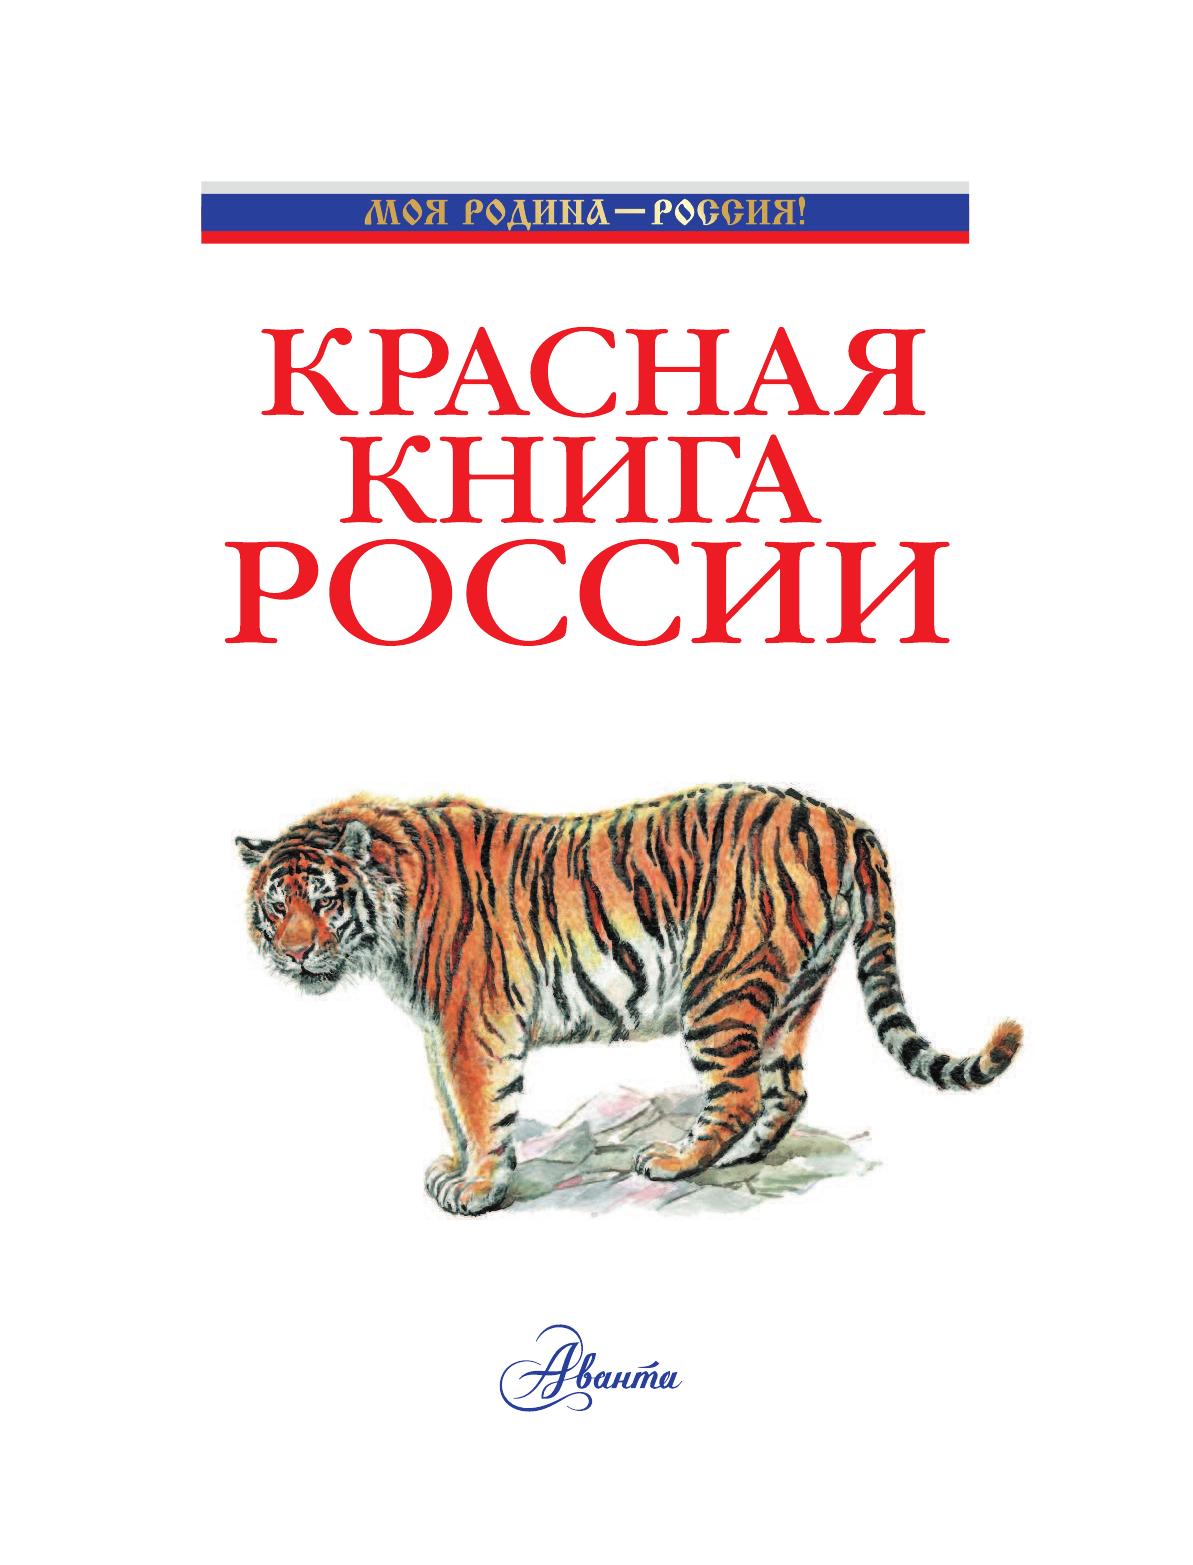 Картинки титульный лист красная книга